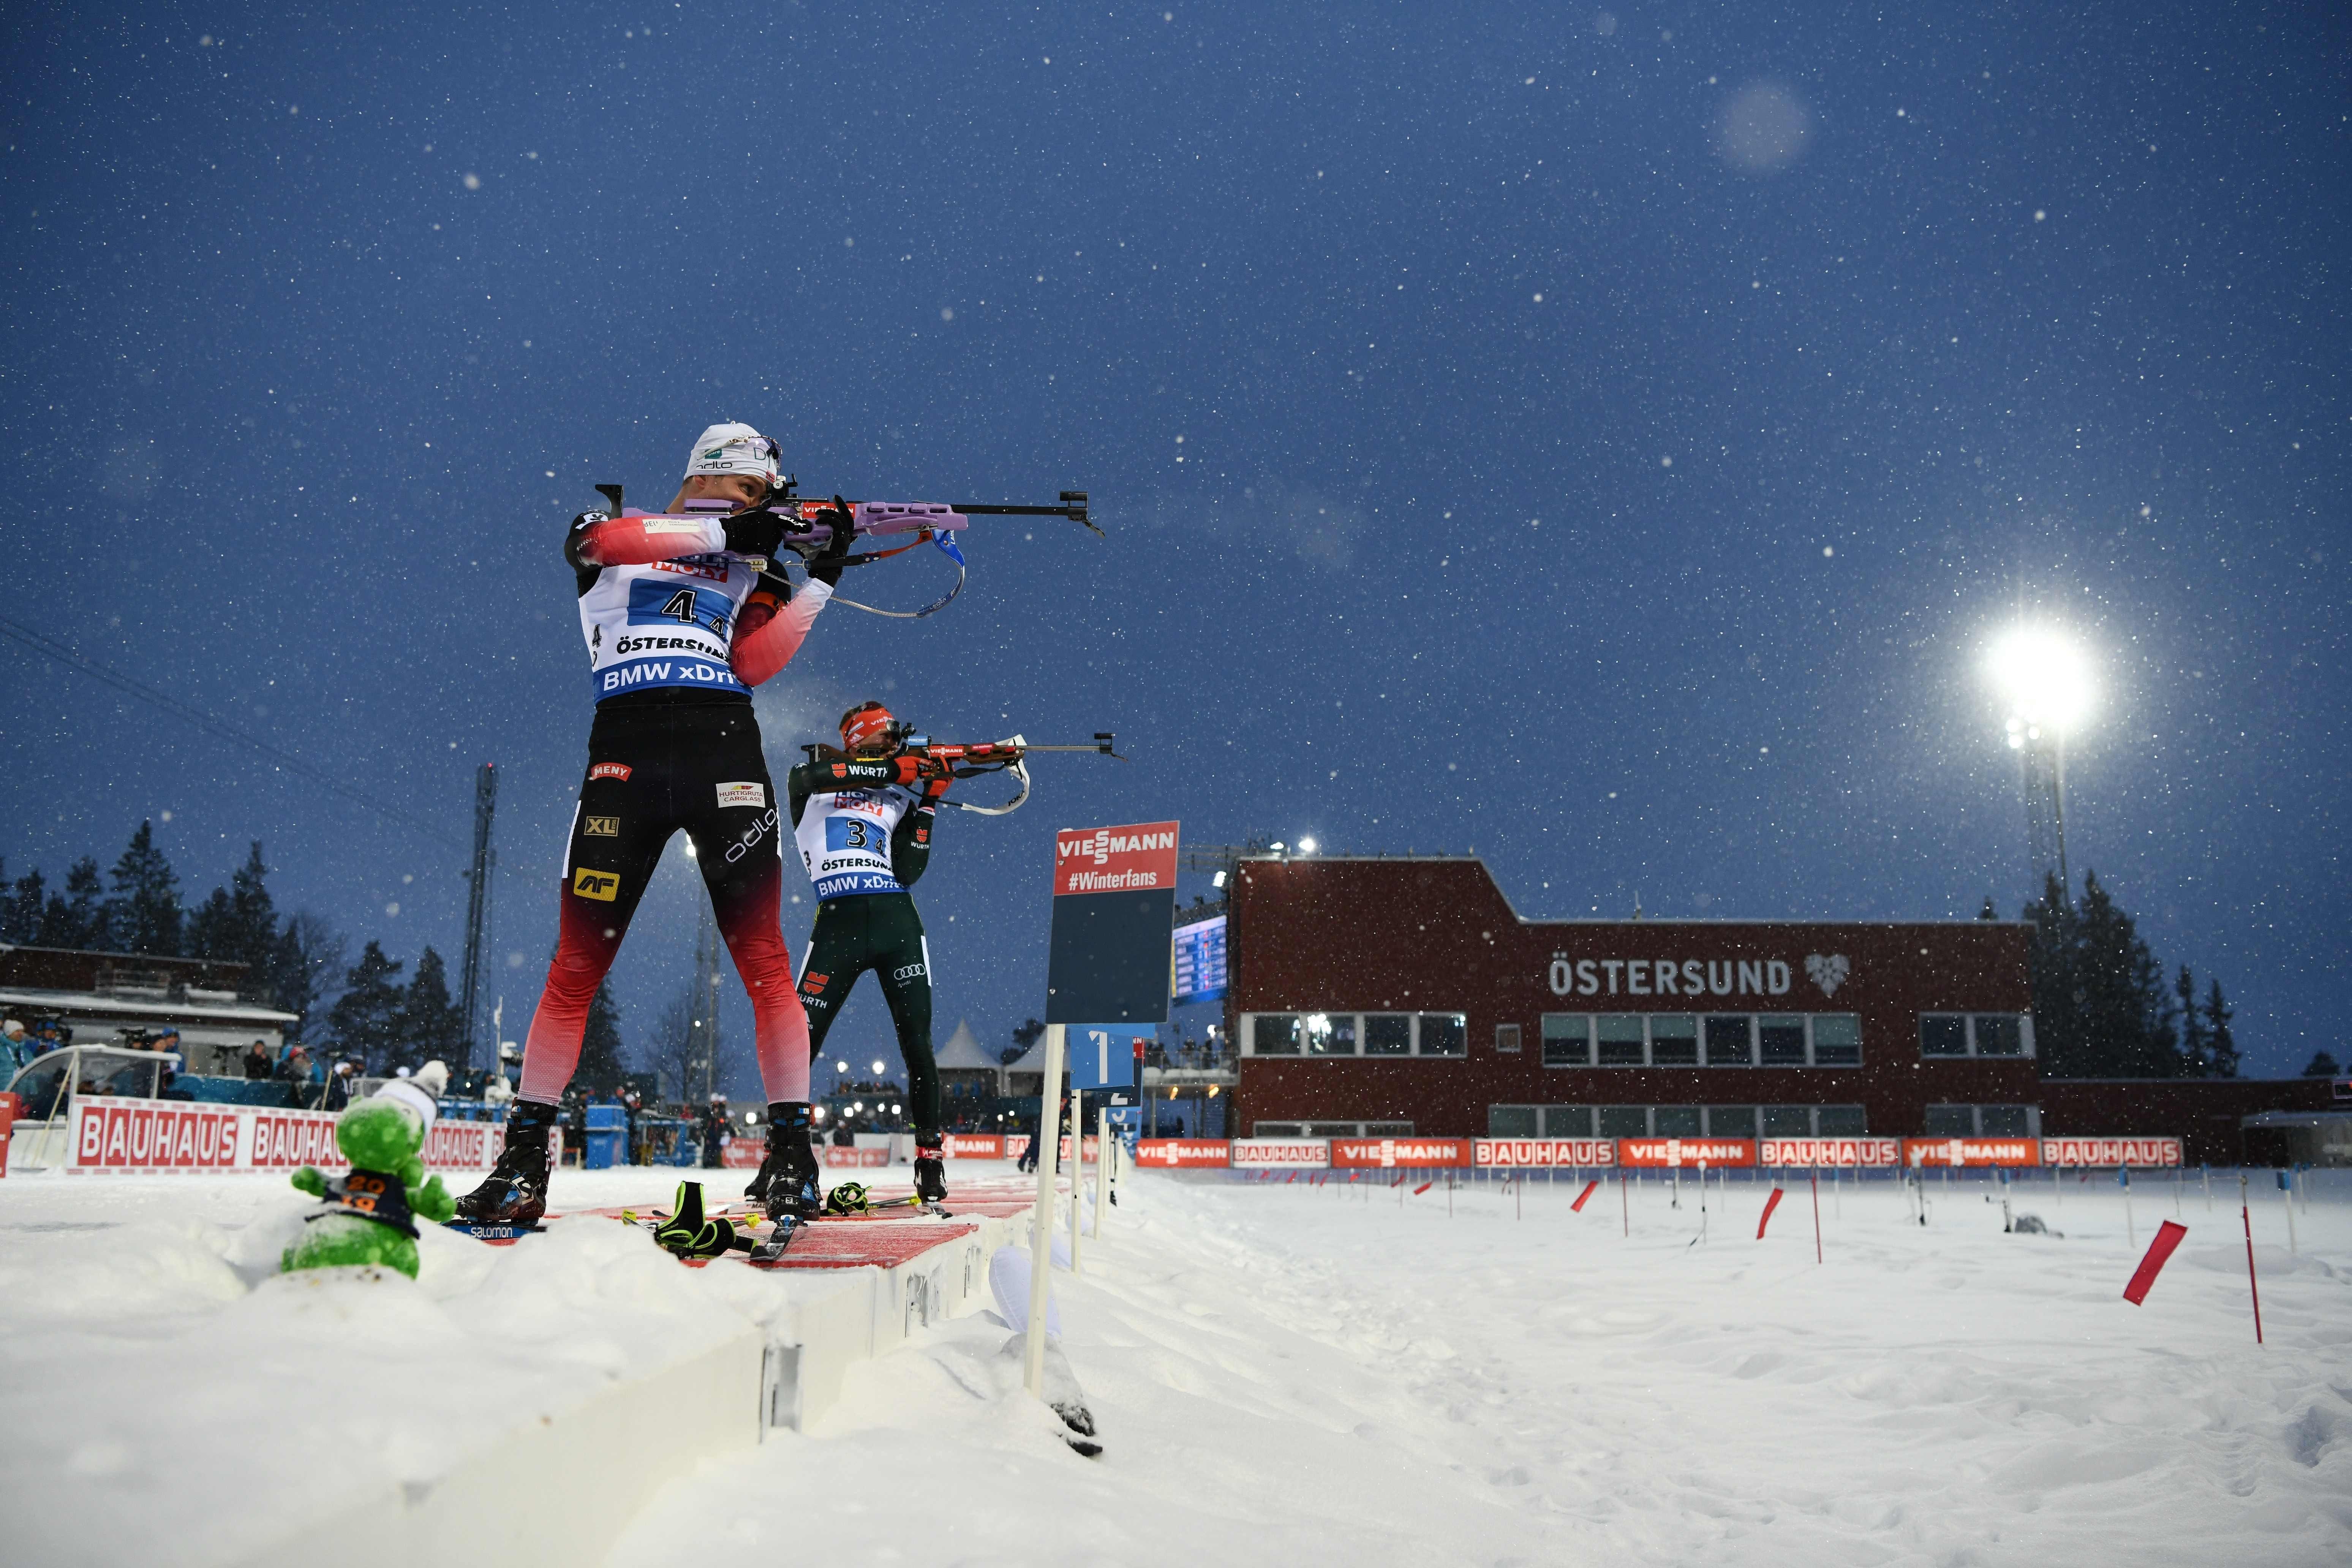 Россияне — четвертые в смешанной эстафете на Чемпионате мира по биатлону в Эстерсунде